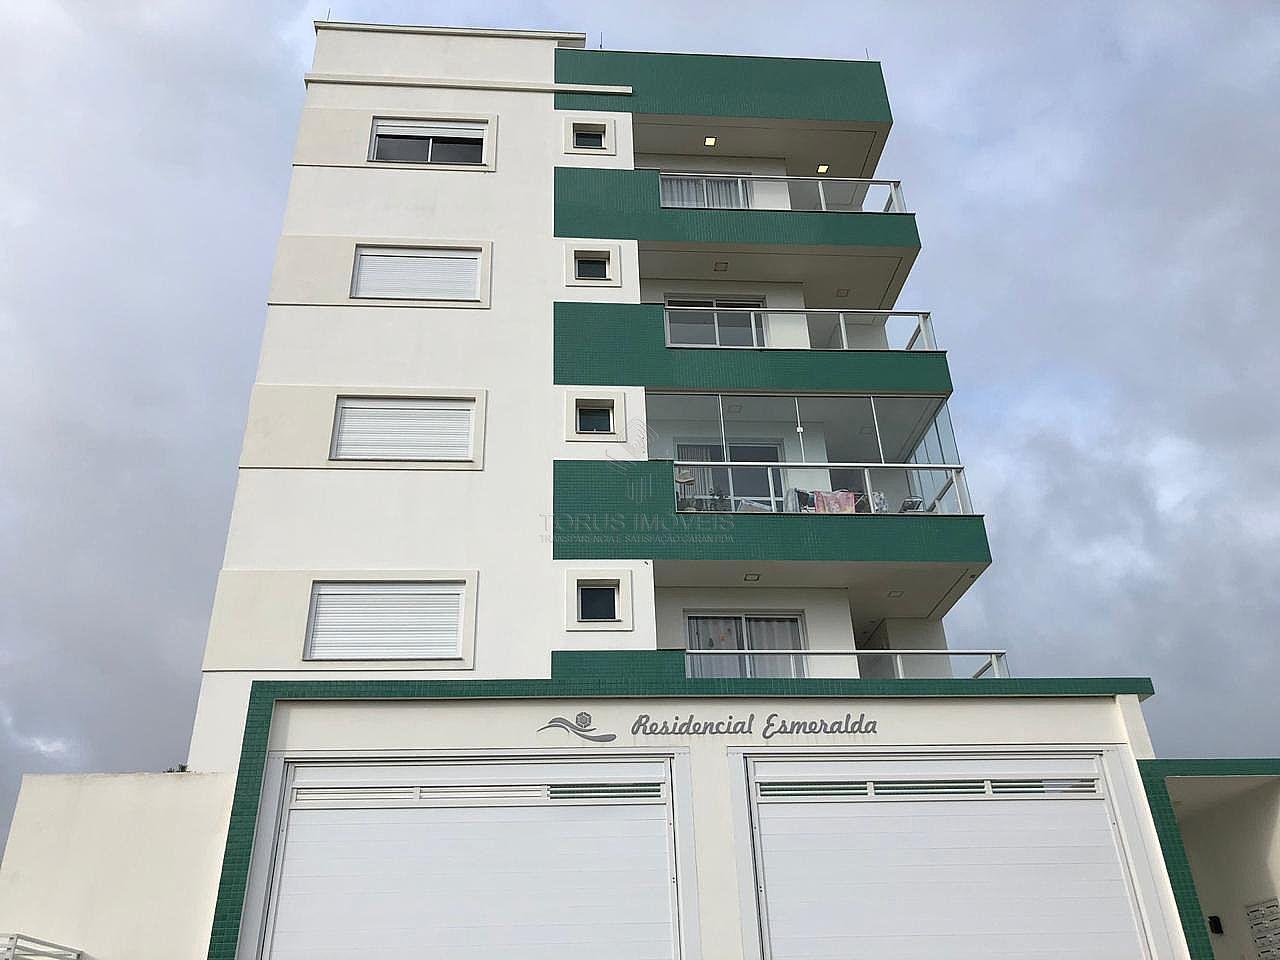 ApartamentoImbituba Village Residencial Esmeralda